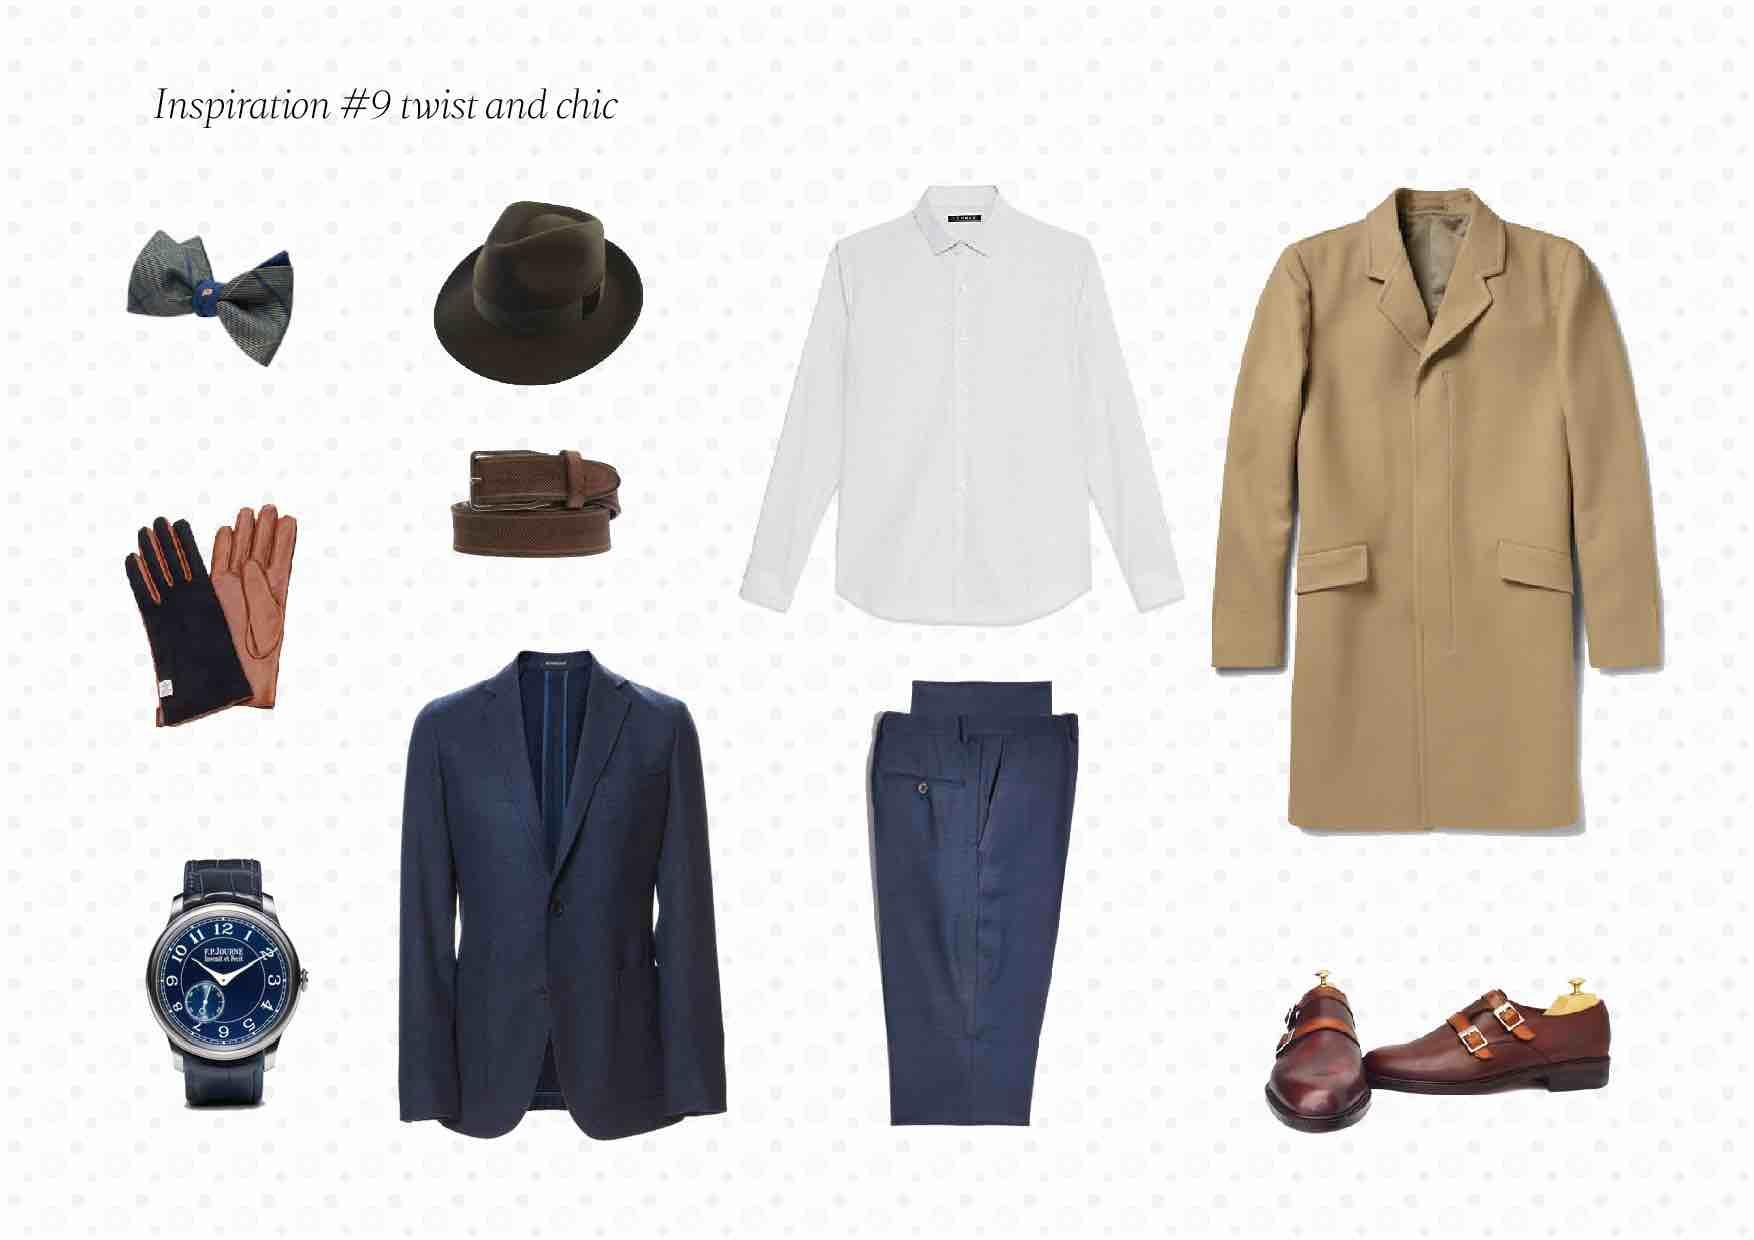 Inspiration du jour 9 01 - Inspiration #9: Tenue homme Twist & Chic